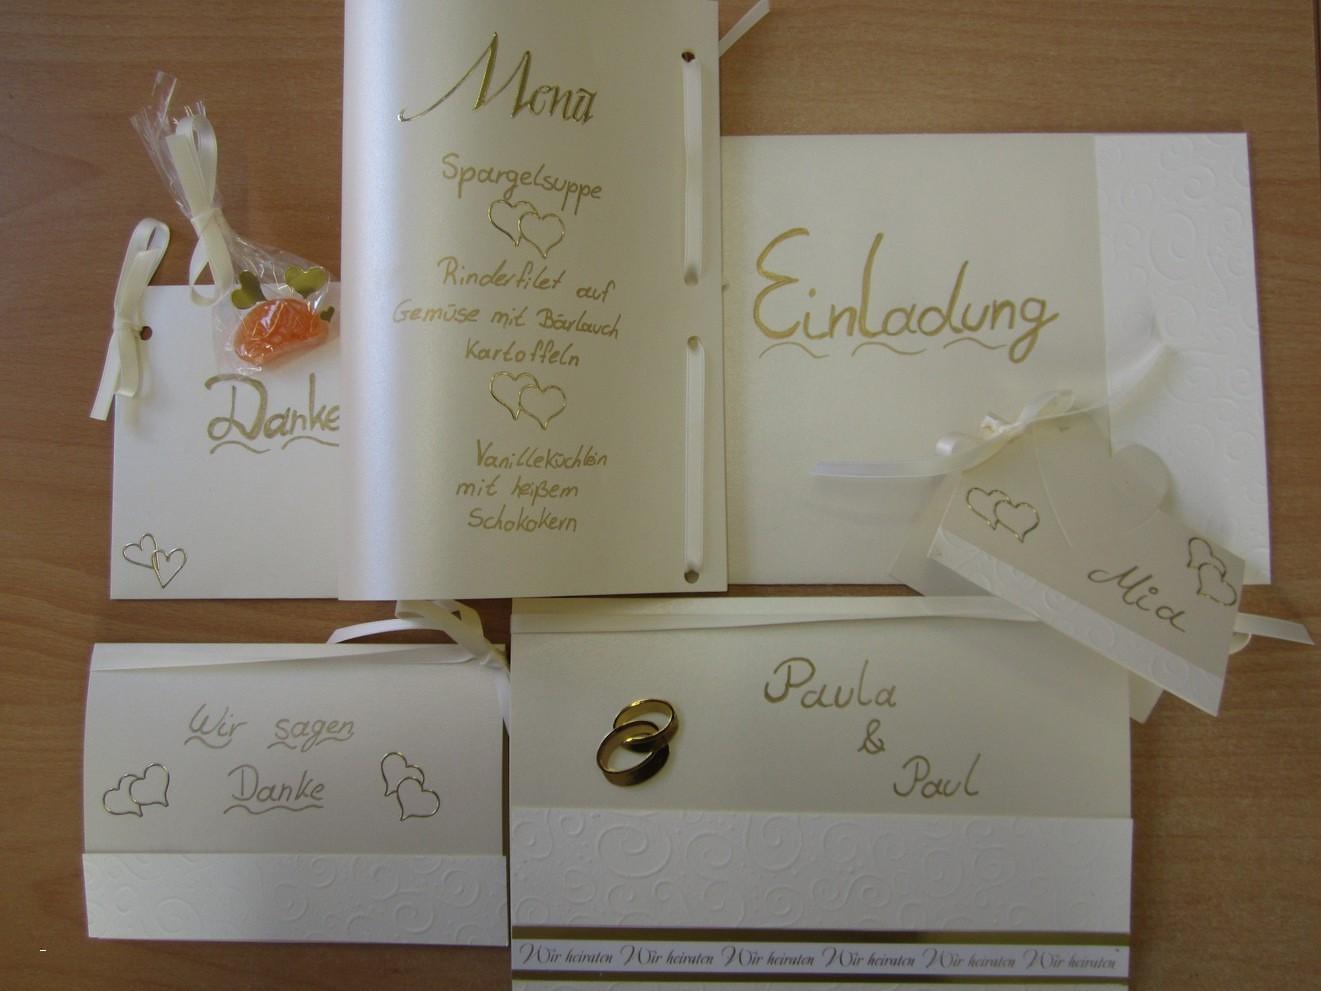 Kartoffel Bilder Zum Ausdrucken Das Beste Von Dankeskarten Hochzeit Selbst Basteln Cool Dankeskarten Hochzeit Bild